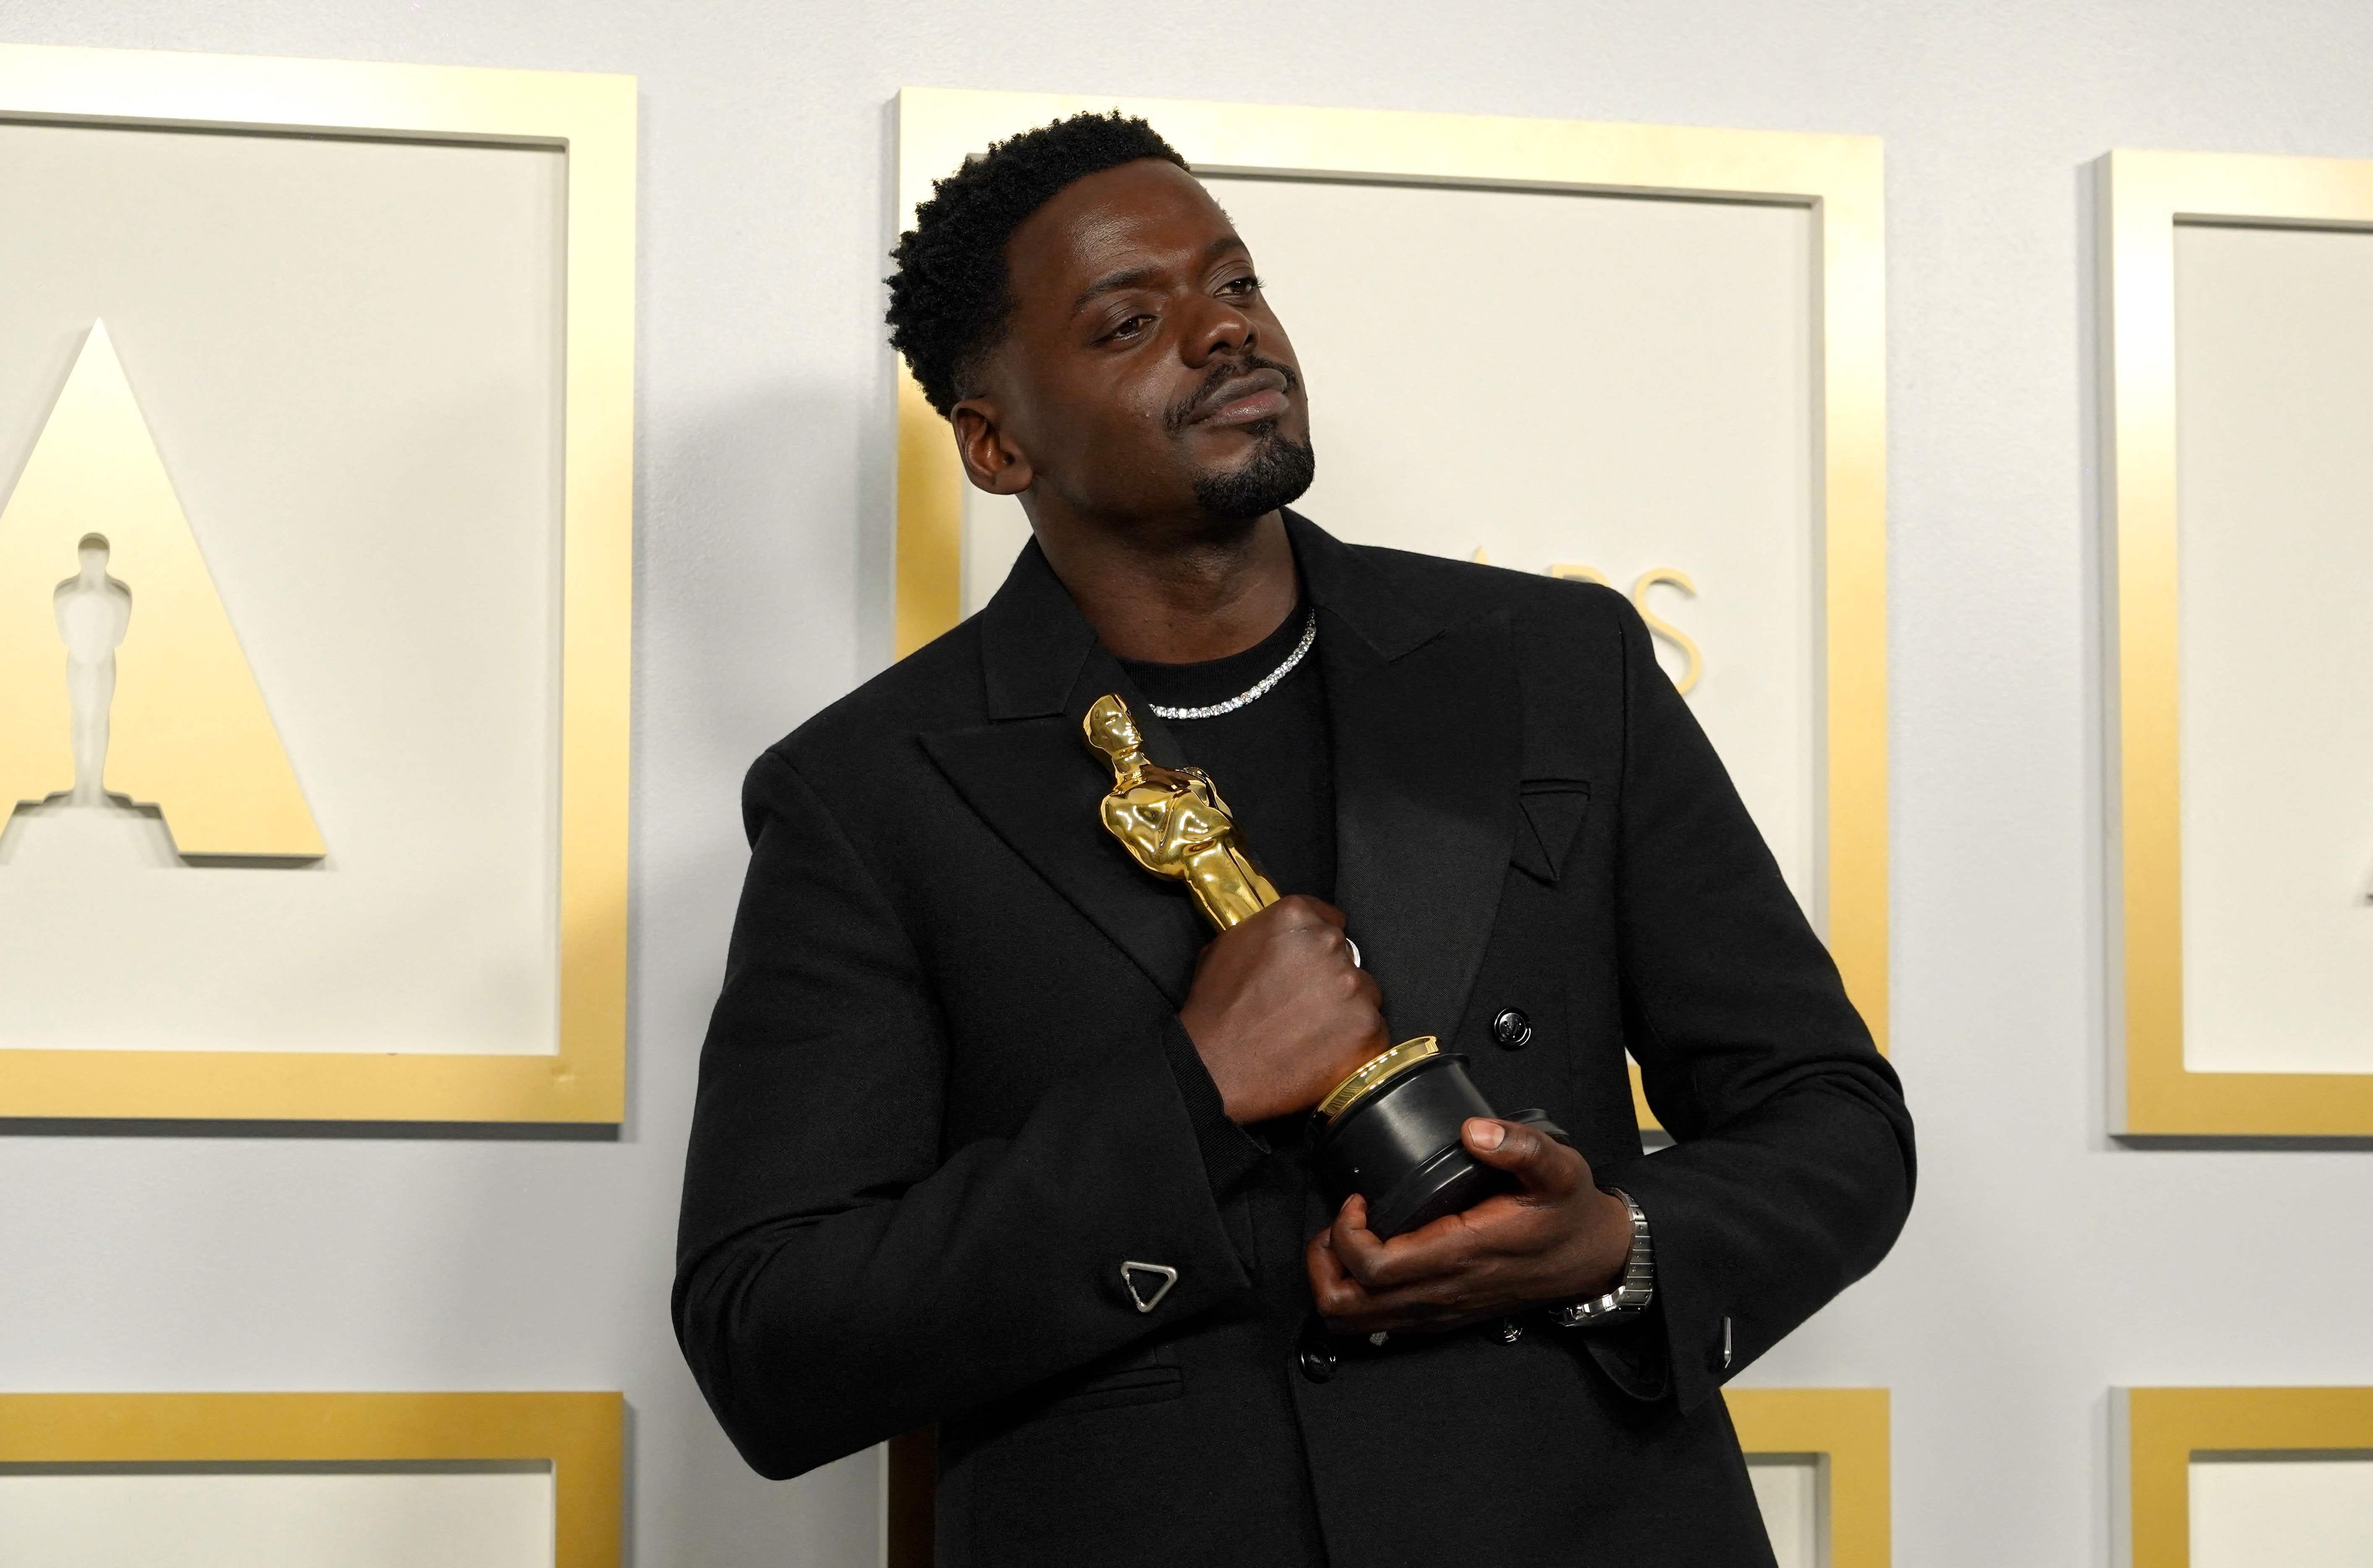 Oscar winners 2021: Full list of every Academy Award winner at 2021 Oscars